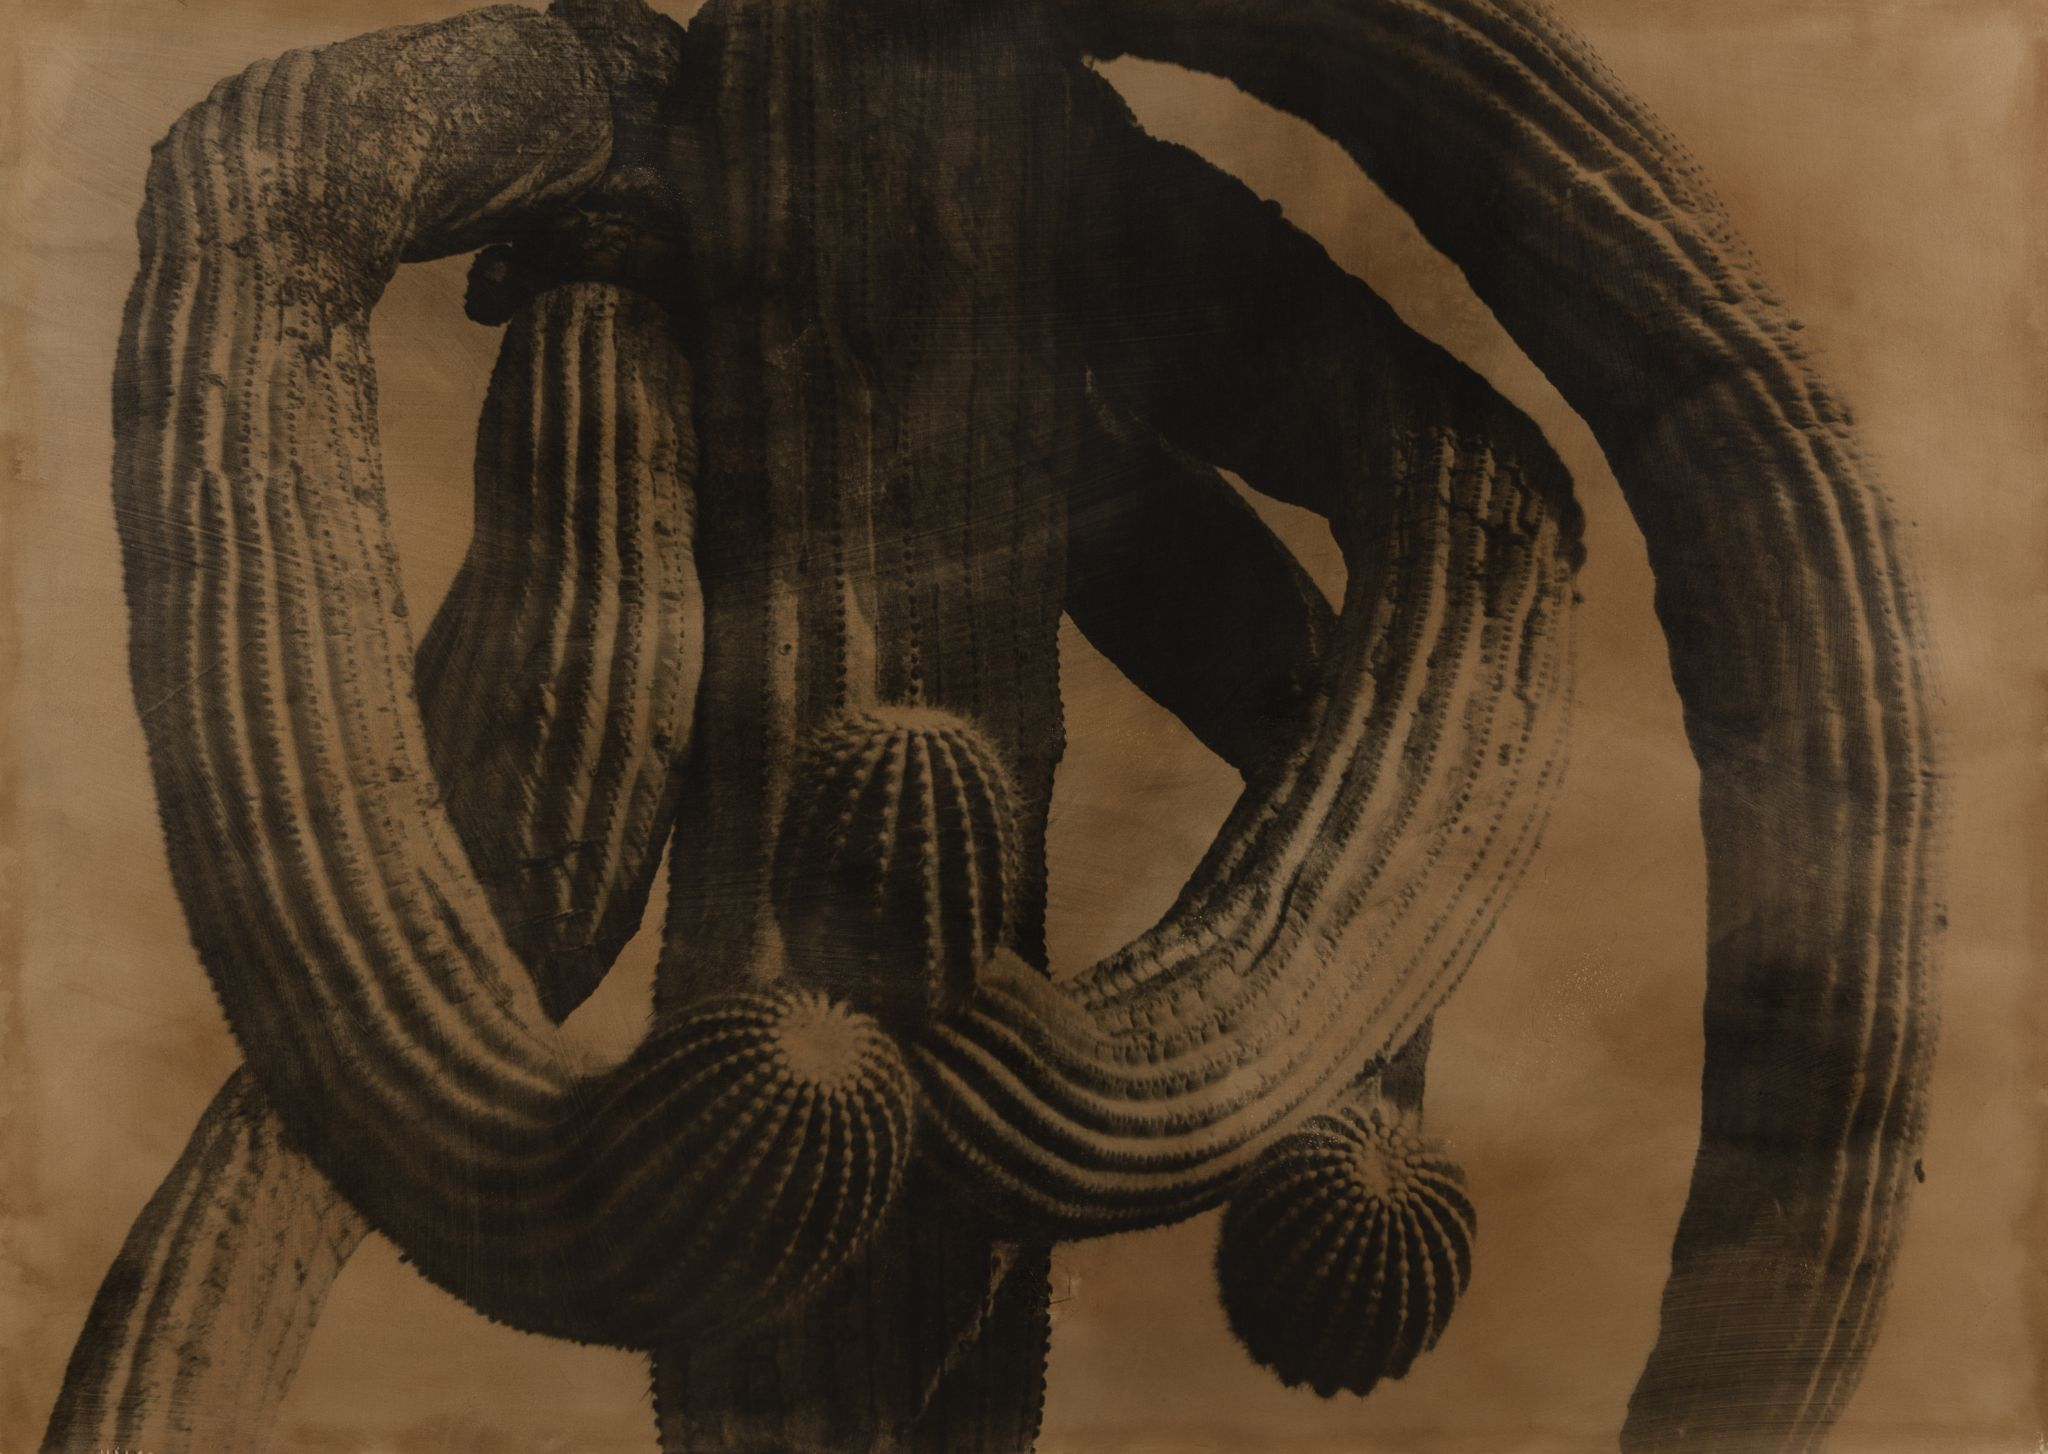 05_ Jungjin Lee, American Desert II 94-03